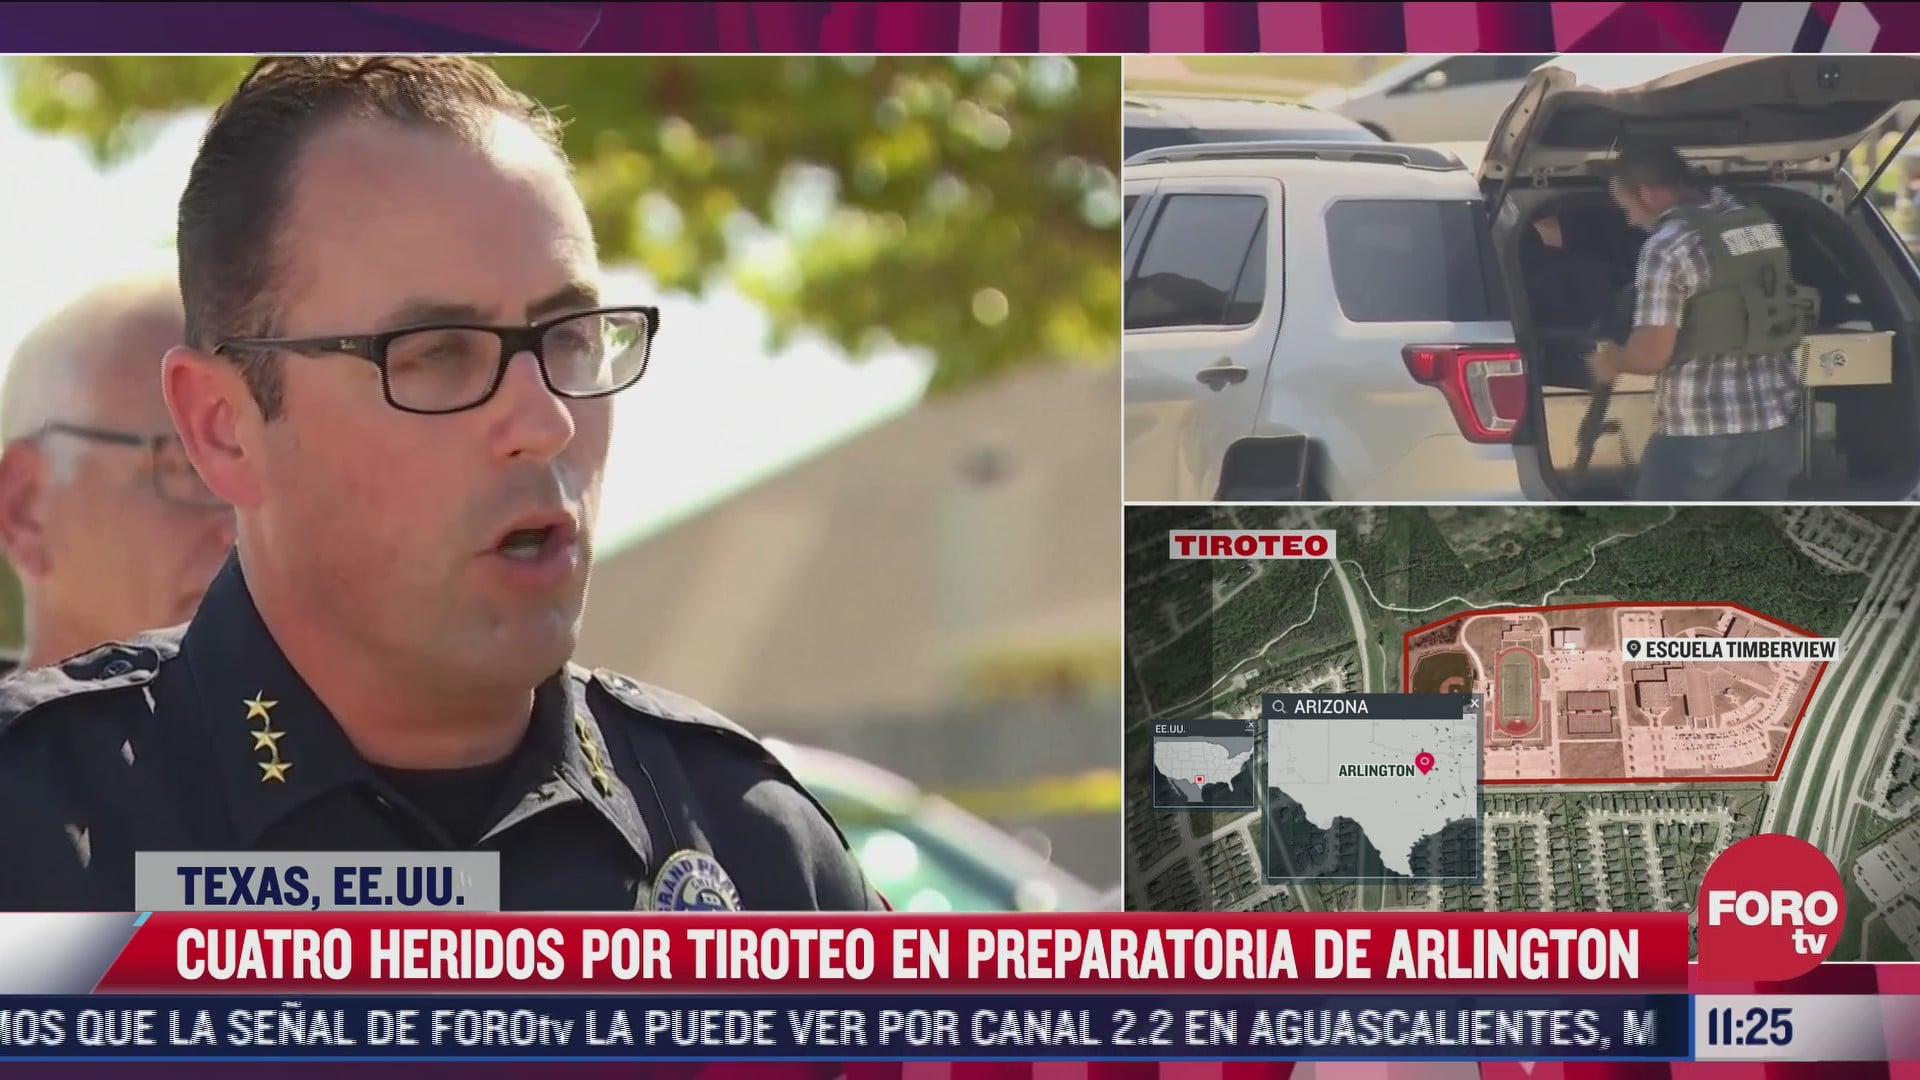 autoridades de airlintong texas identifican al autor del tiroteo y reportan 4 heridos